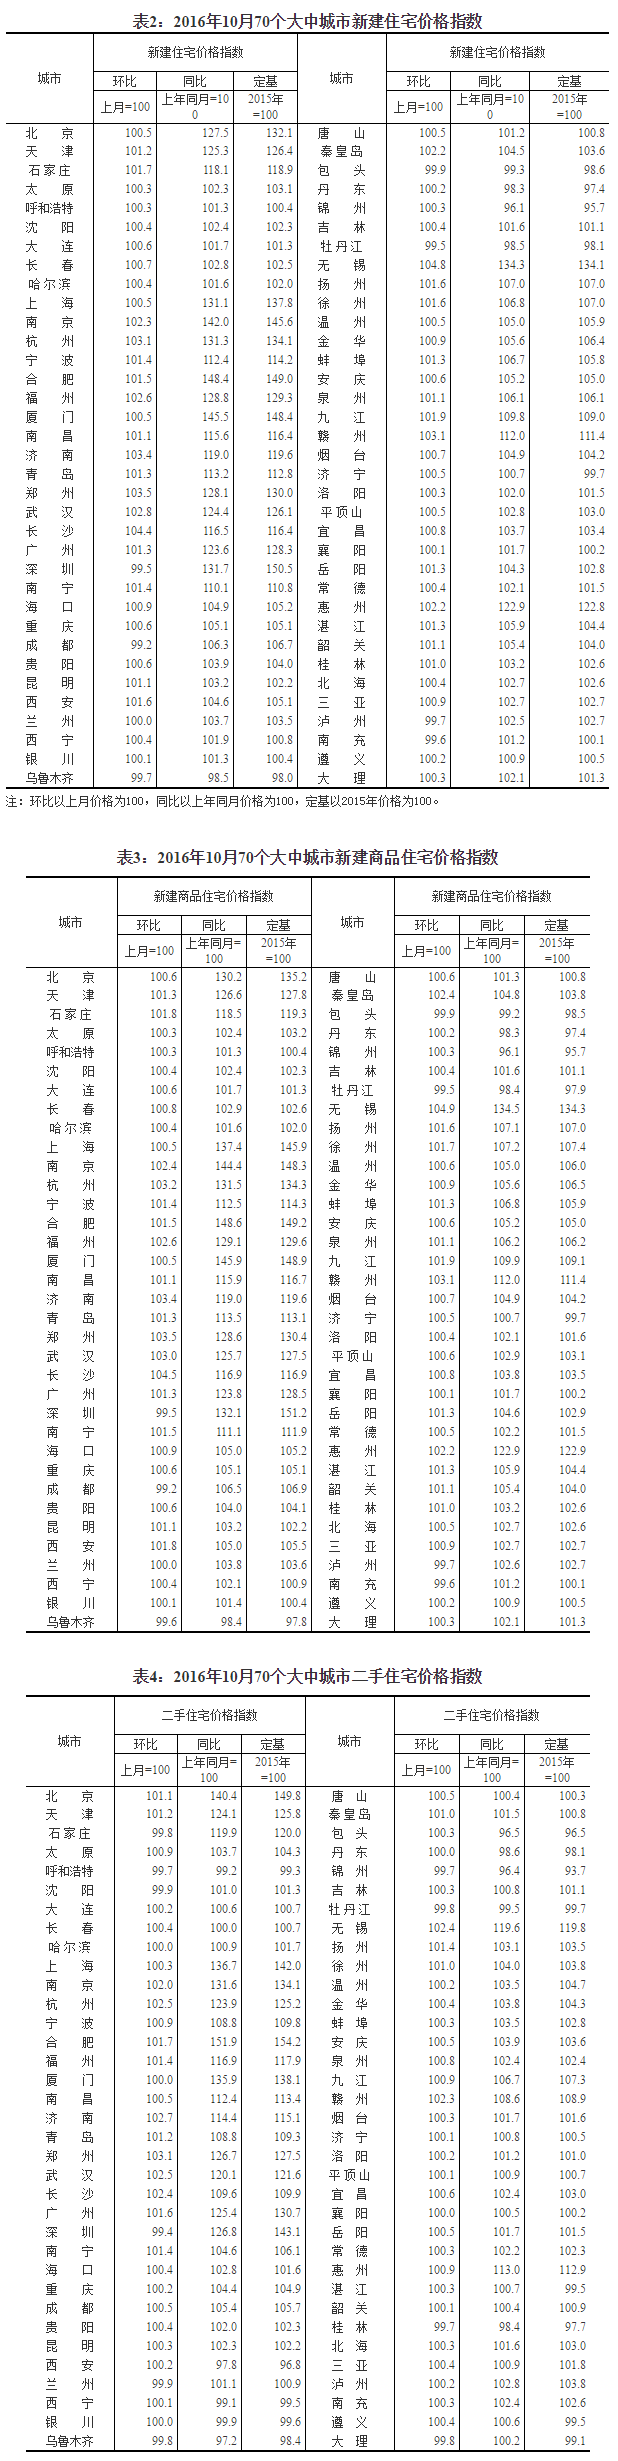 统计局:10月份一、二线城市房地产市场明显降温